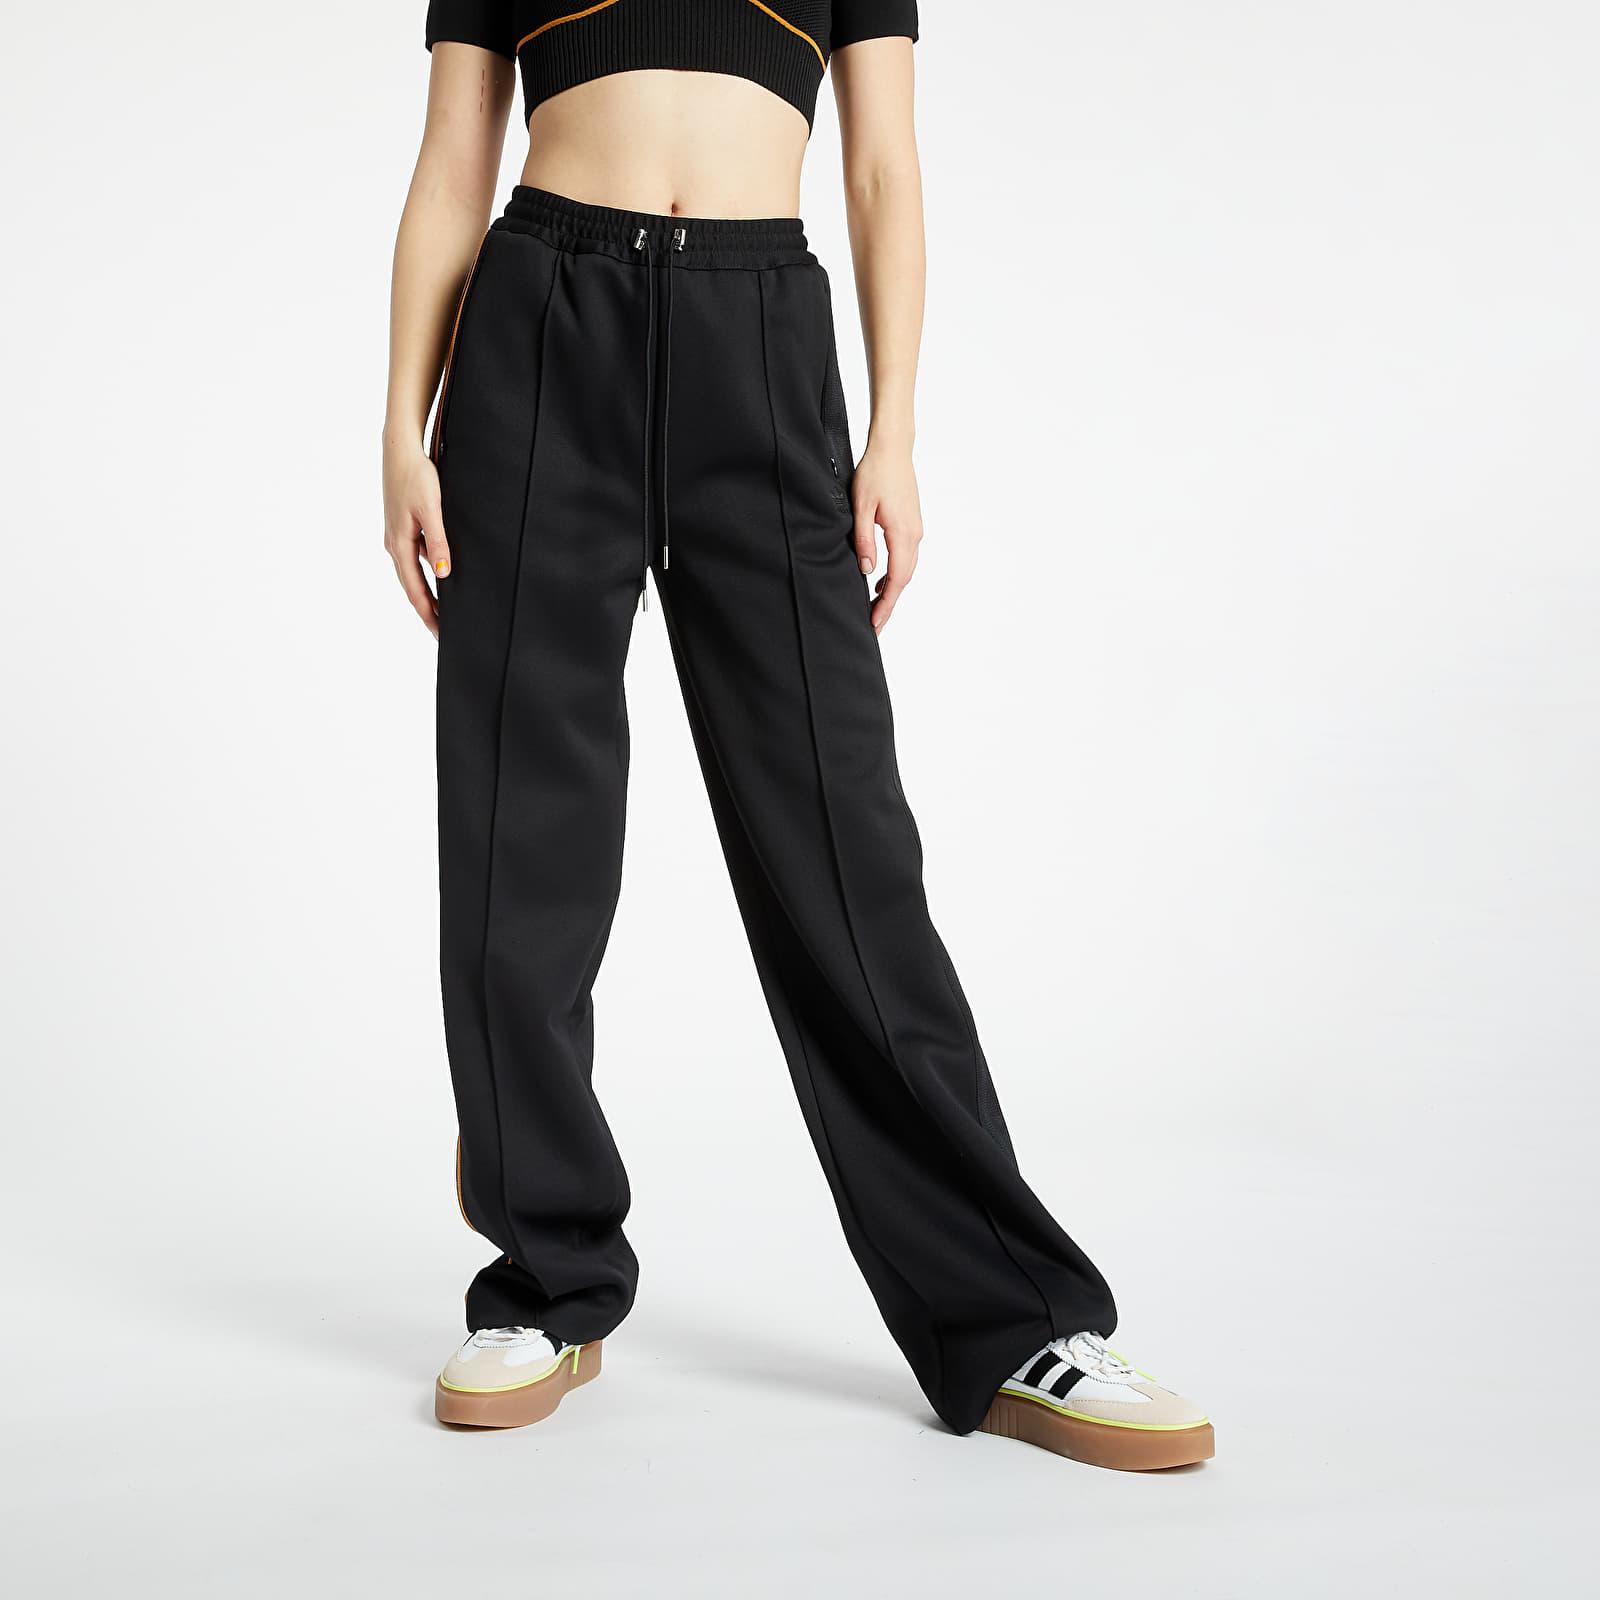 Pants and jeans adidas x Ivy Park Suit Pants Black/ Mesa